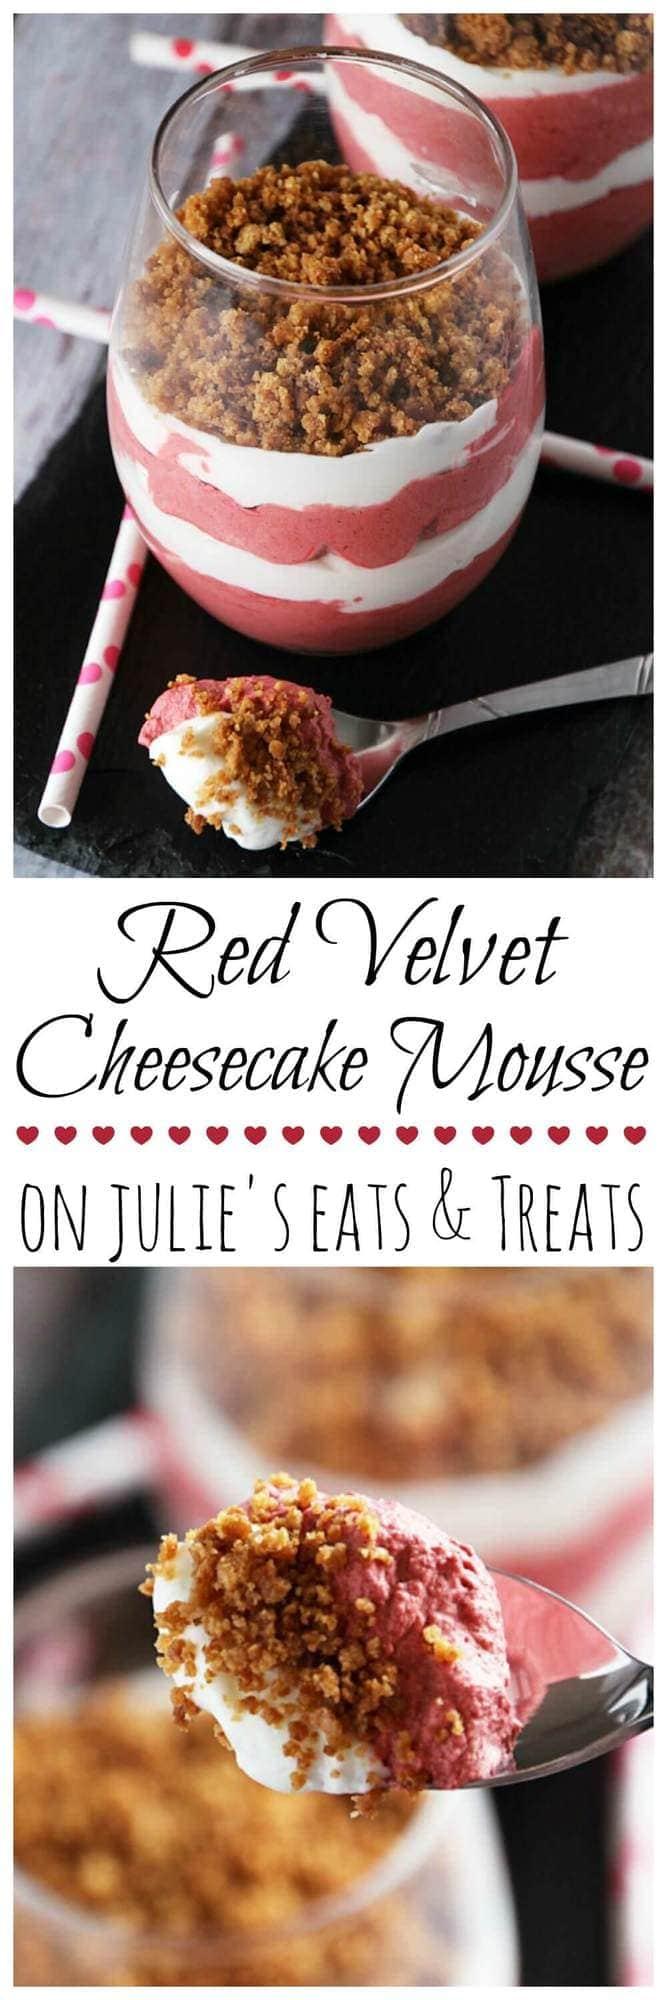 Red Velvet Cheesecake Mousse ~ Light & Fluffy Red Velvet and Cheesecake Layered Mousse and Topped with Graham Cracker Crust!